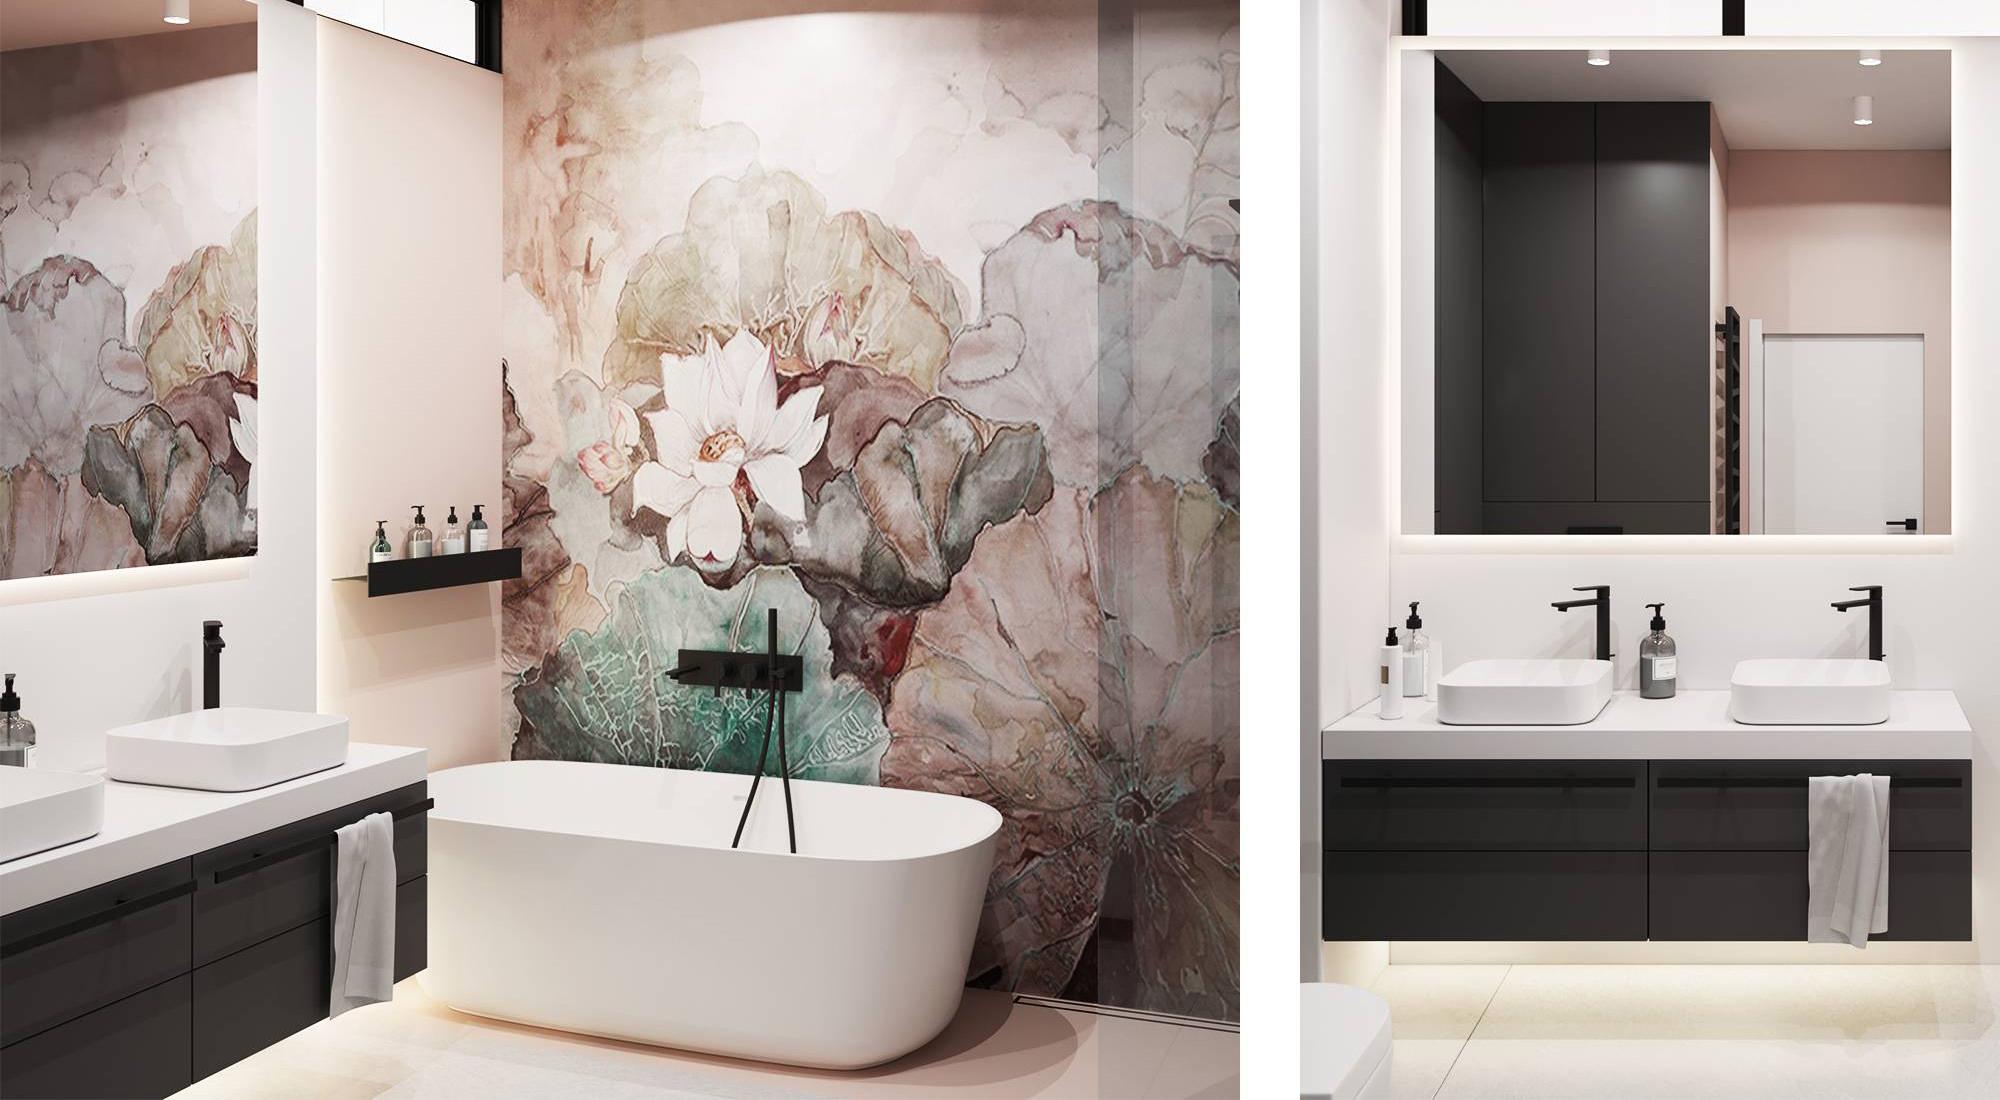 salon wyposażenia łazienek bath-store Warszawa